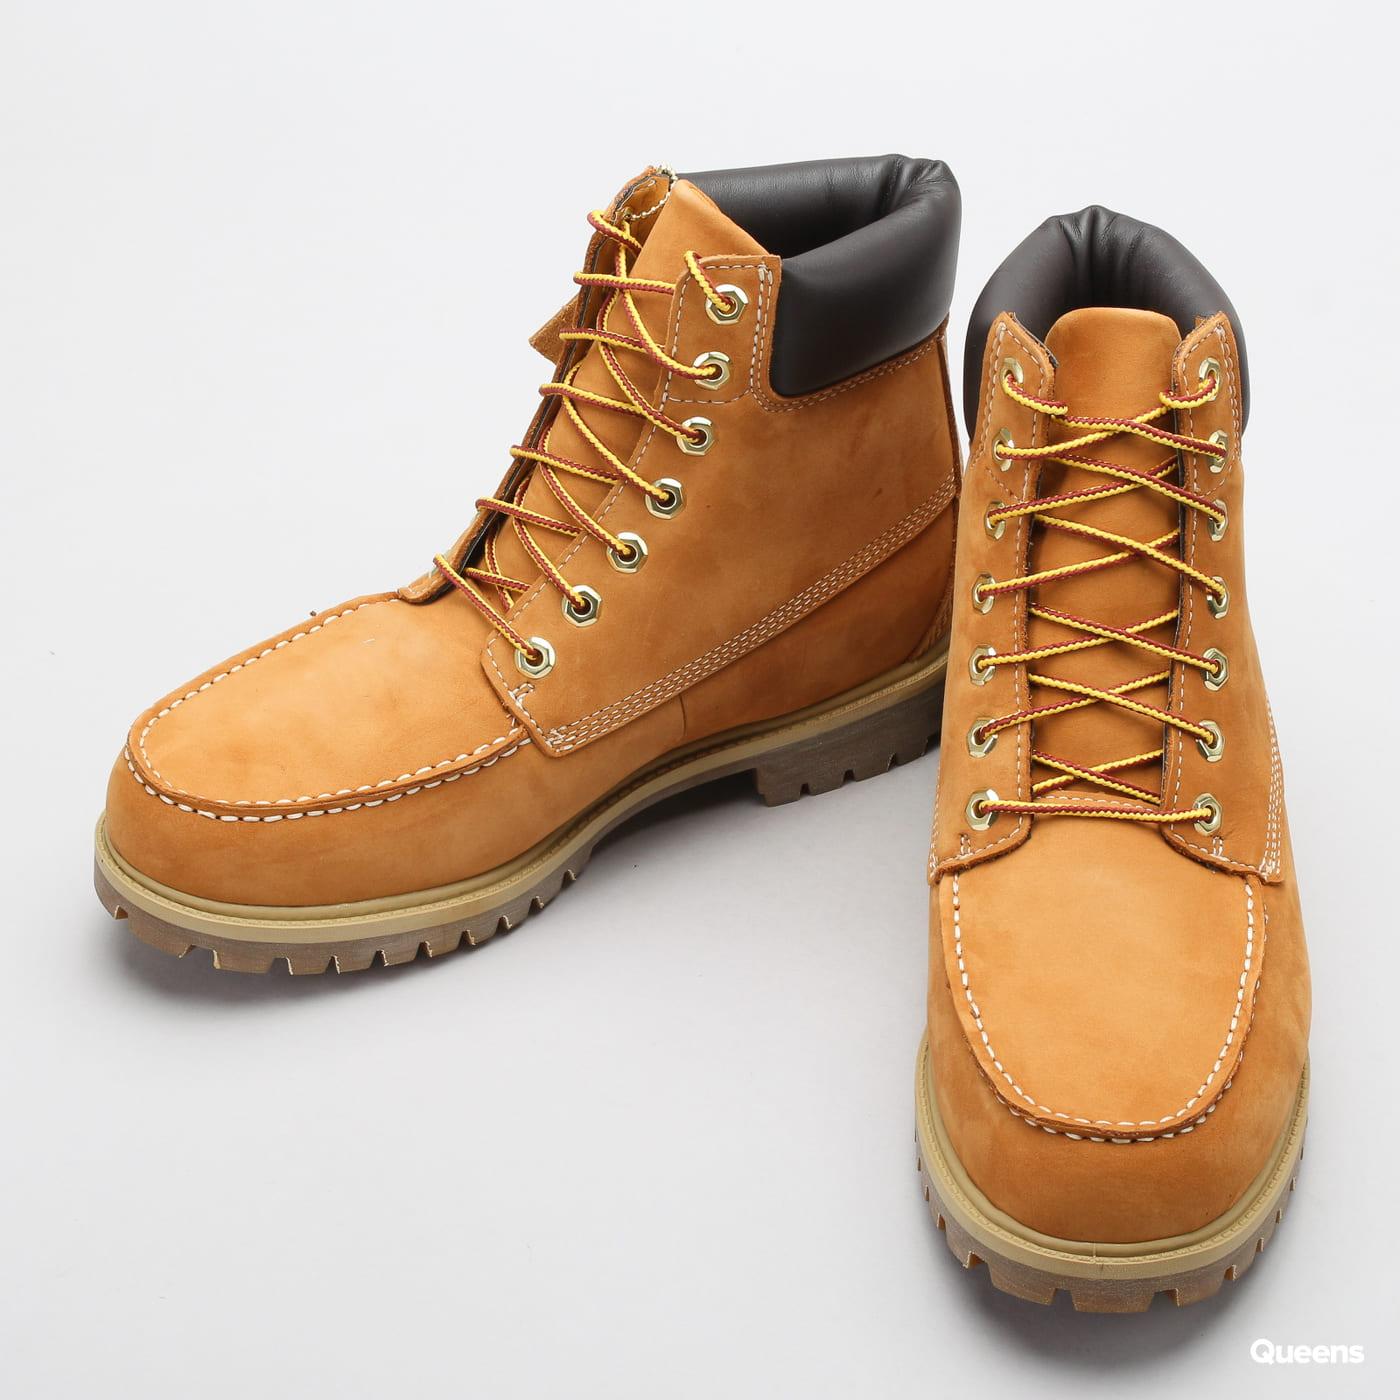 Timberland 6 in Premium WP MT Boot wheat waterbuck